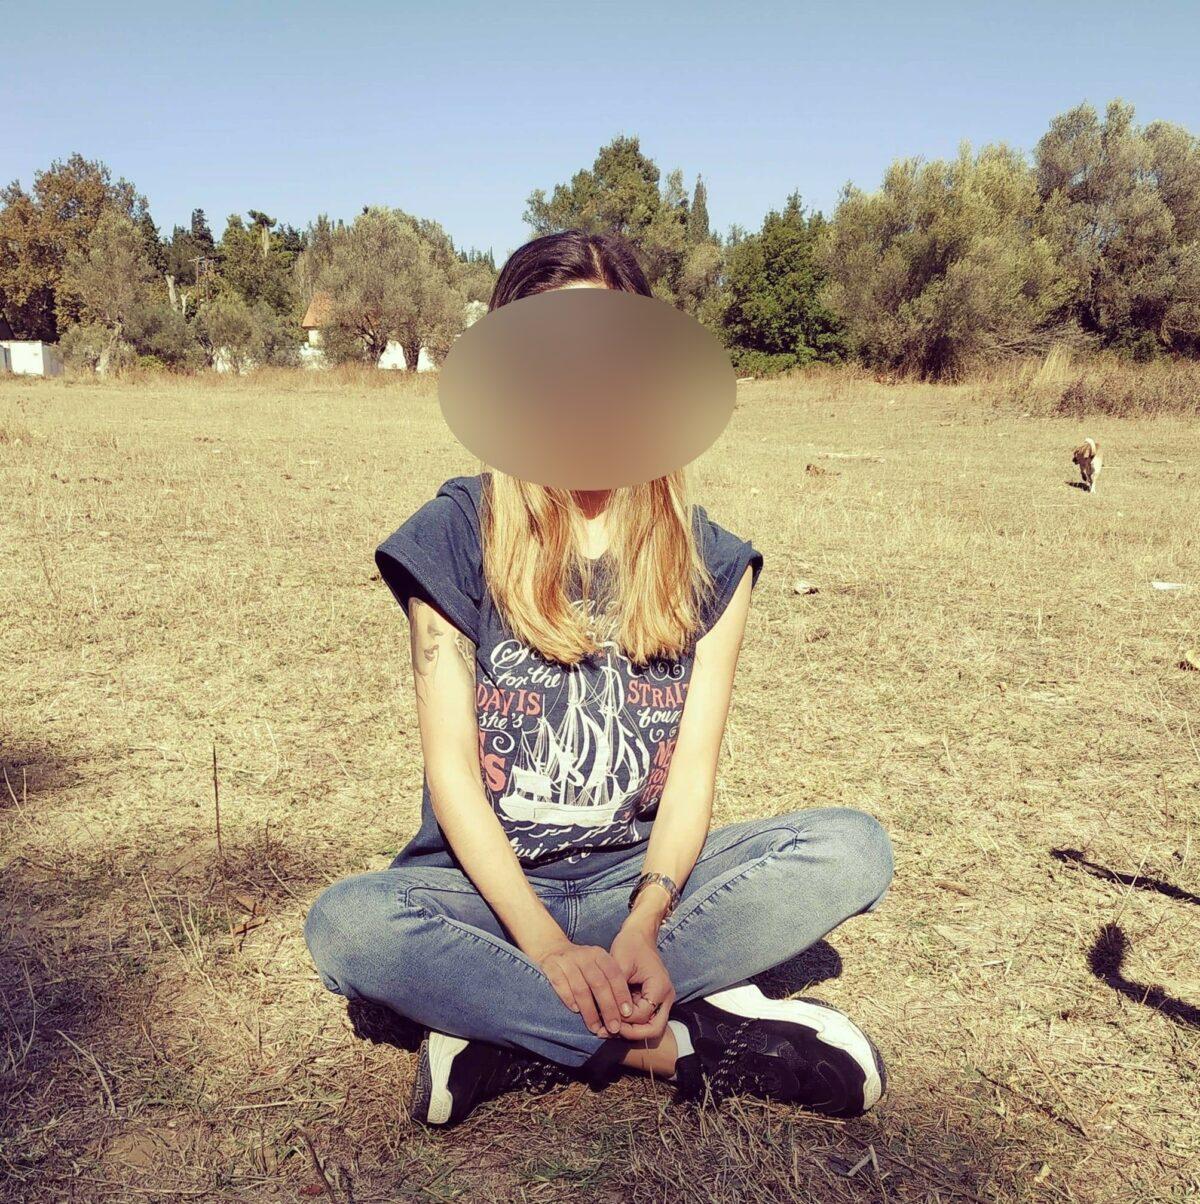 Αυτή είναι η 35χρονη φιλόλογος, μητέρα ενός παιδιού, που κατηγορείται για την αποπλάνηση 13χρονου μαθητή της